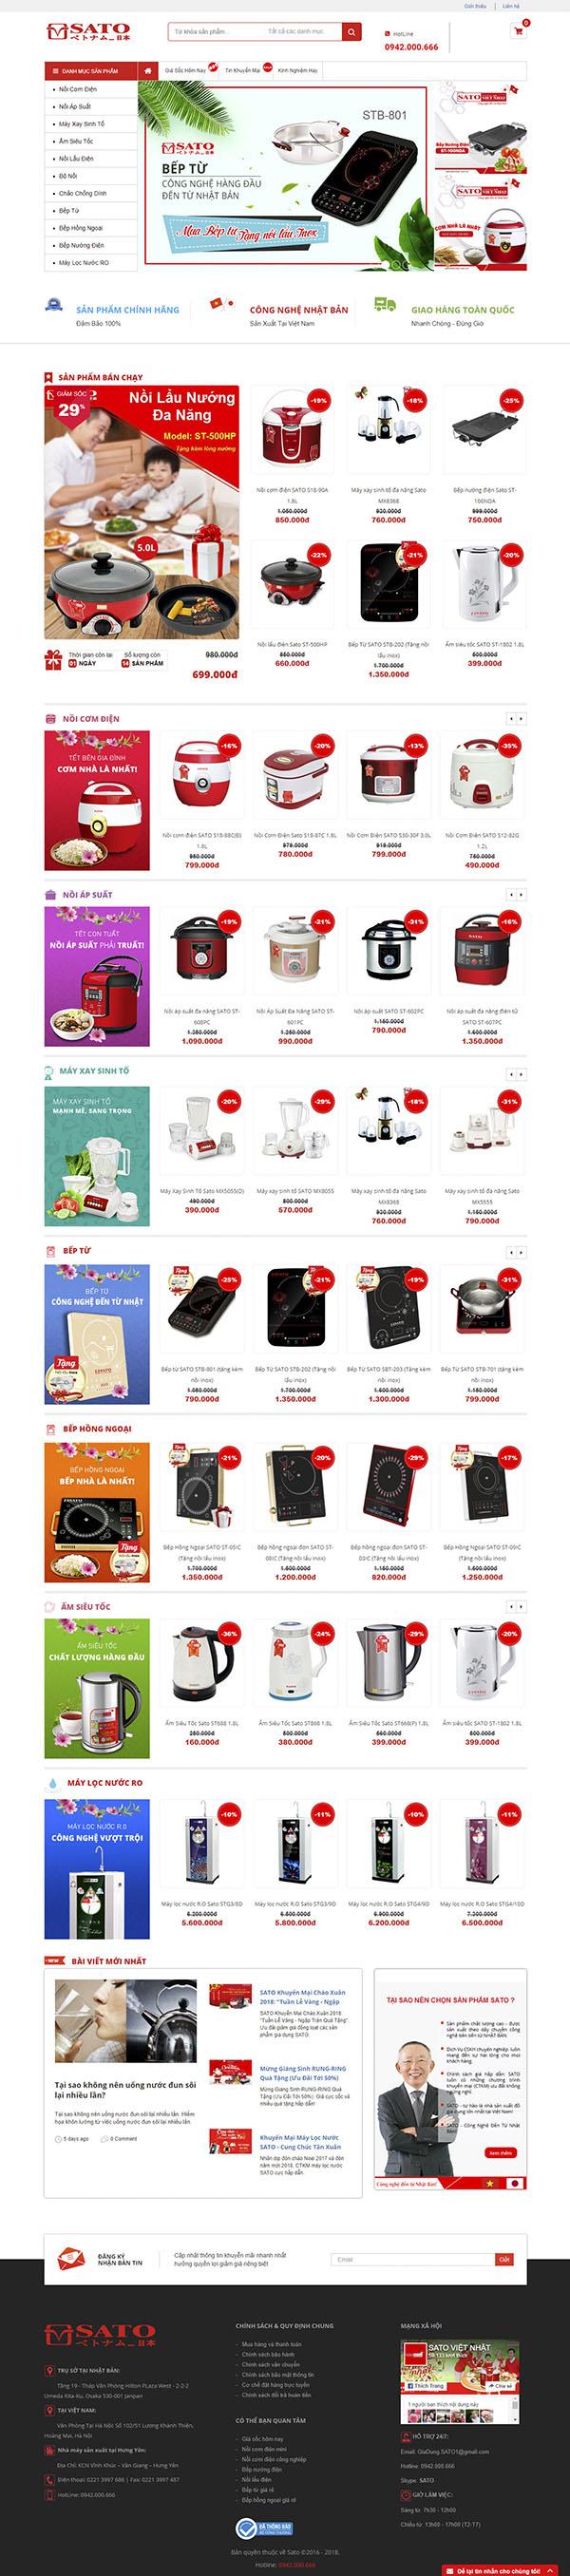 Thiết kế Mẫu website siêu thị điện máy DM03